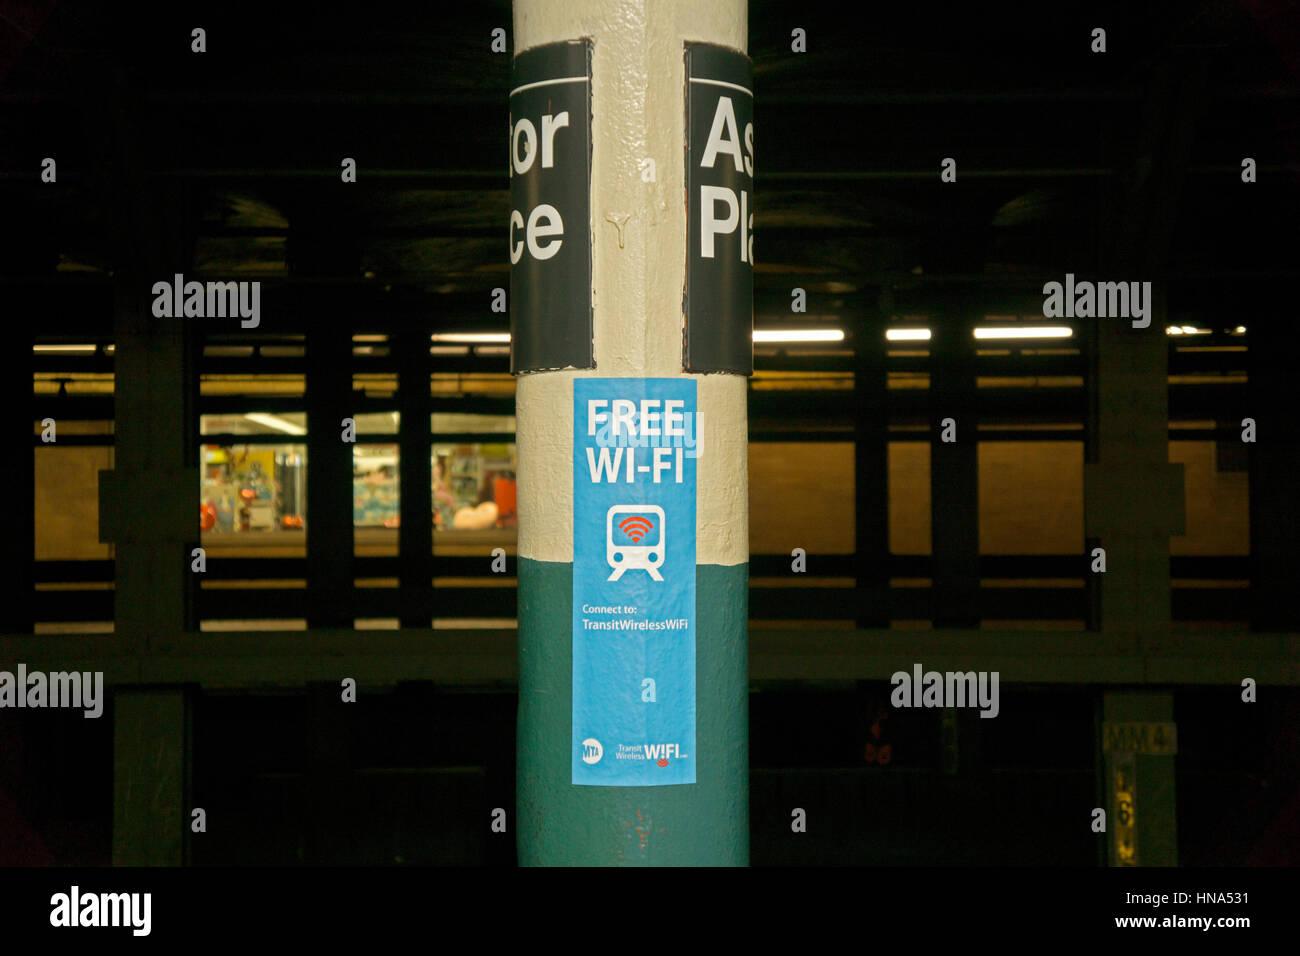 Un cartel en el metro de Nueva York plataforma publicitaria que wi fi gratuita servicios están disponibles. Imagen De Stock